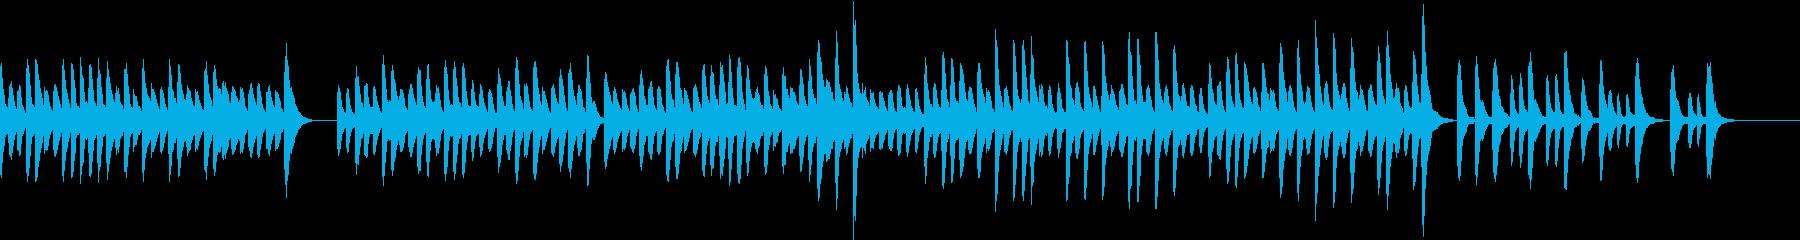 さみしいような切ないマリンバの旋律の再生済みの波形